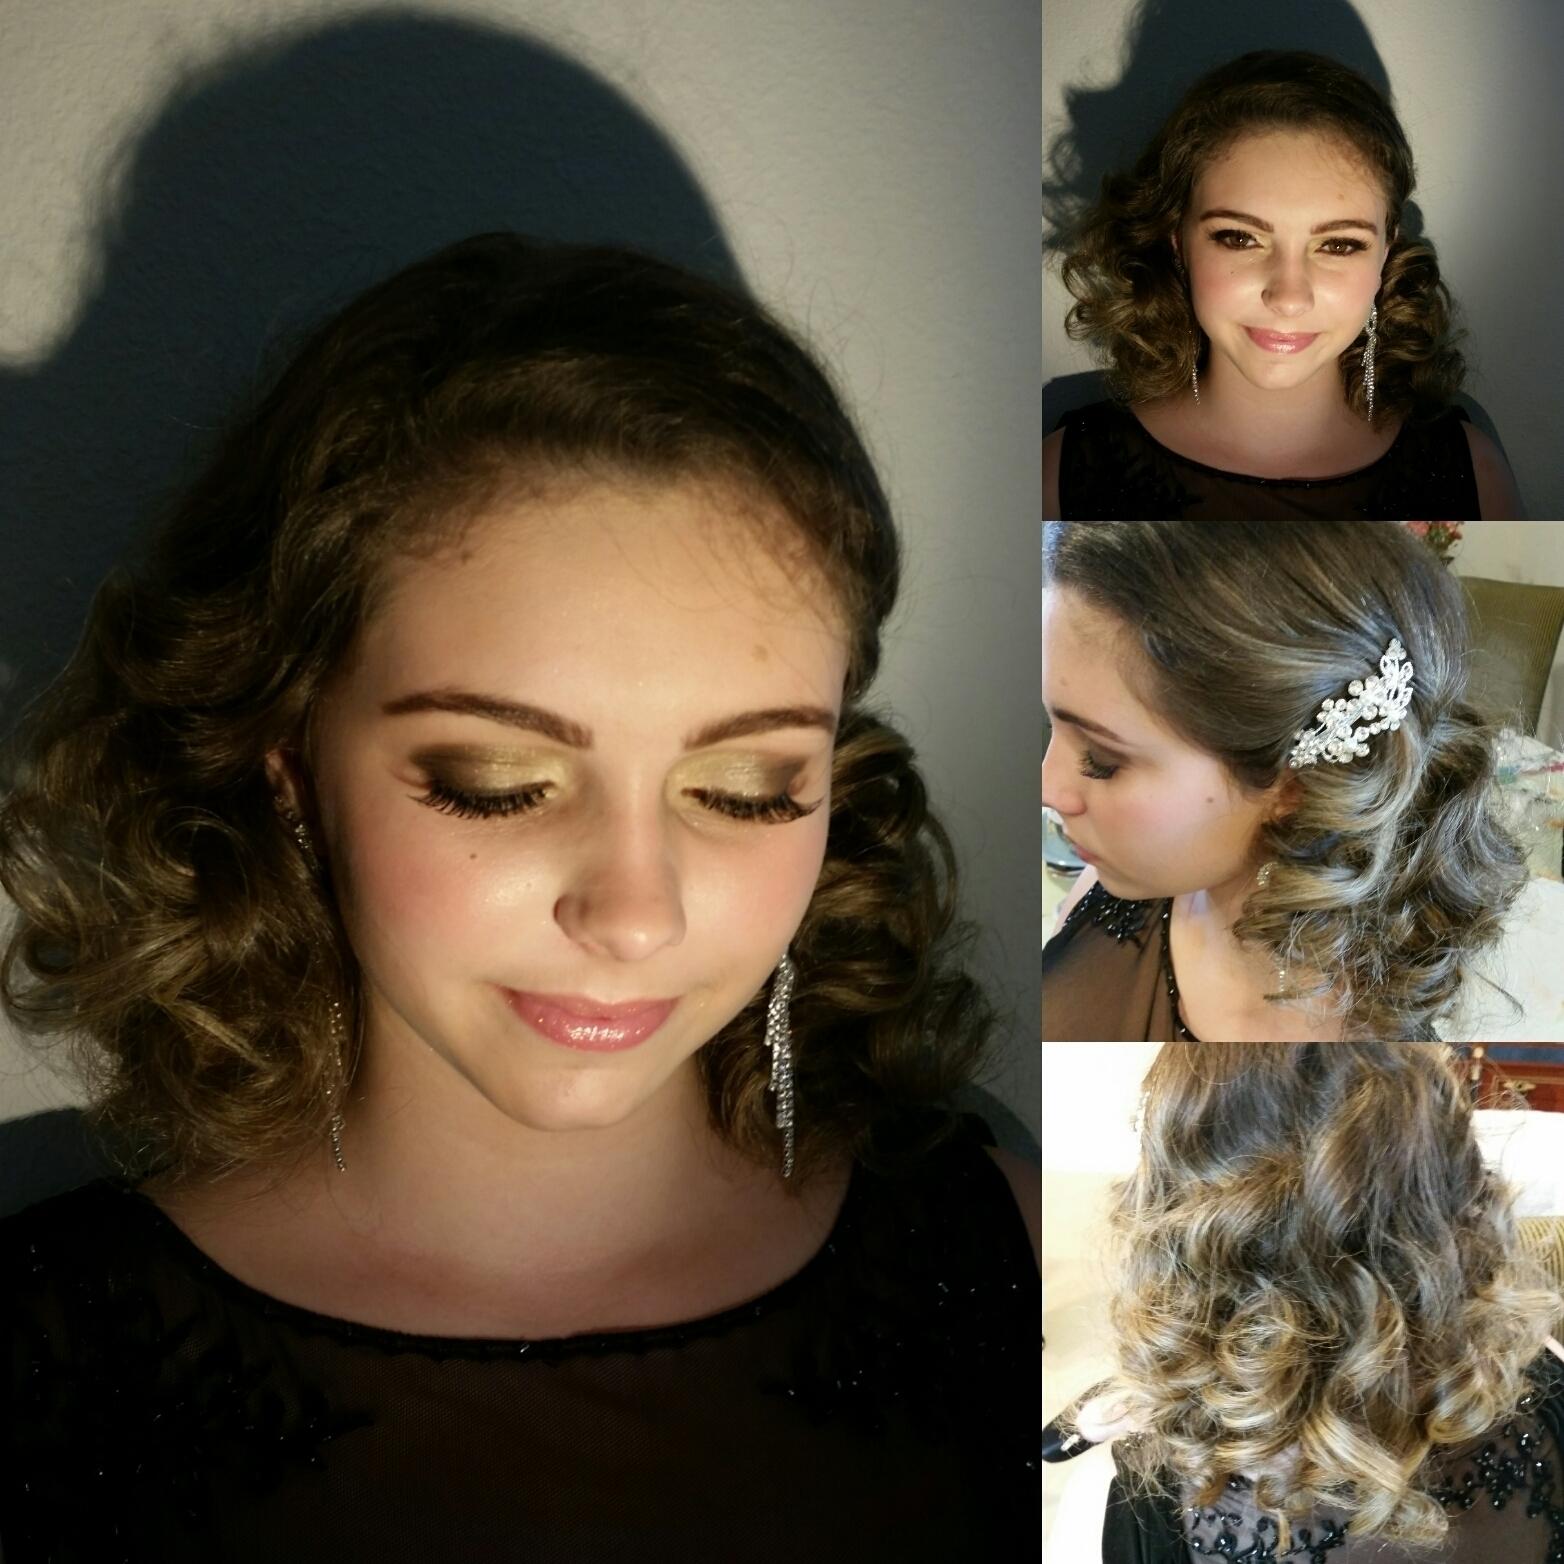 Penteado e Maquiagem maquiagem manicure e pedicure designer de sobrancelhas maquiador(a) cabeleireiro(a)